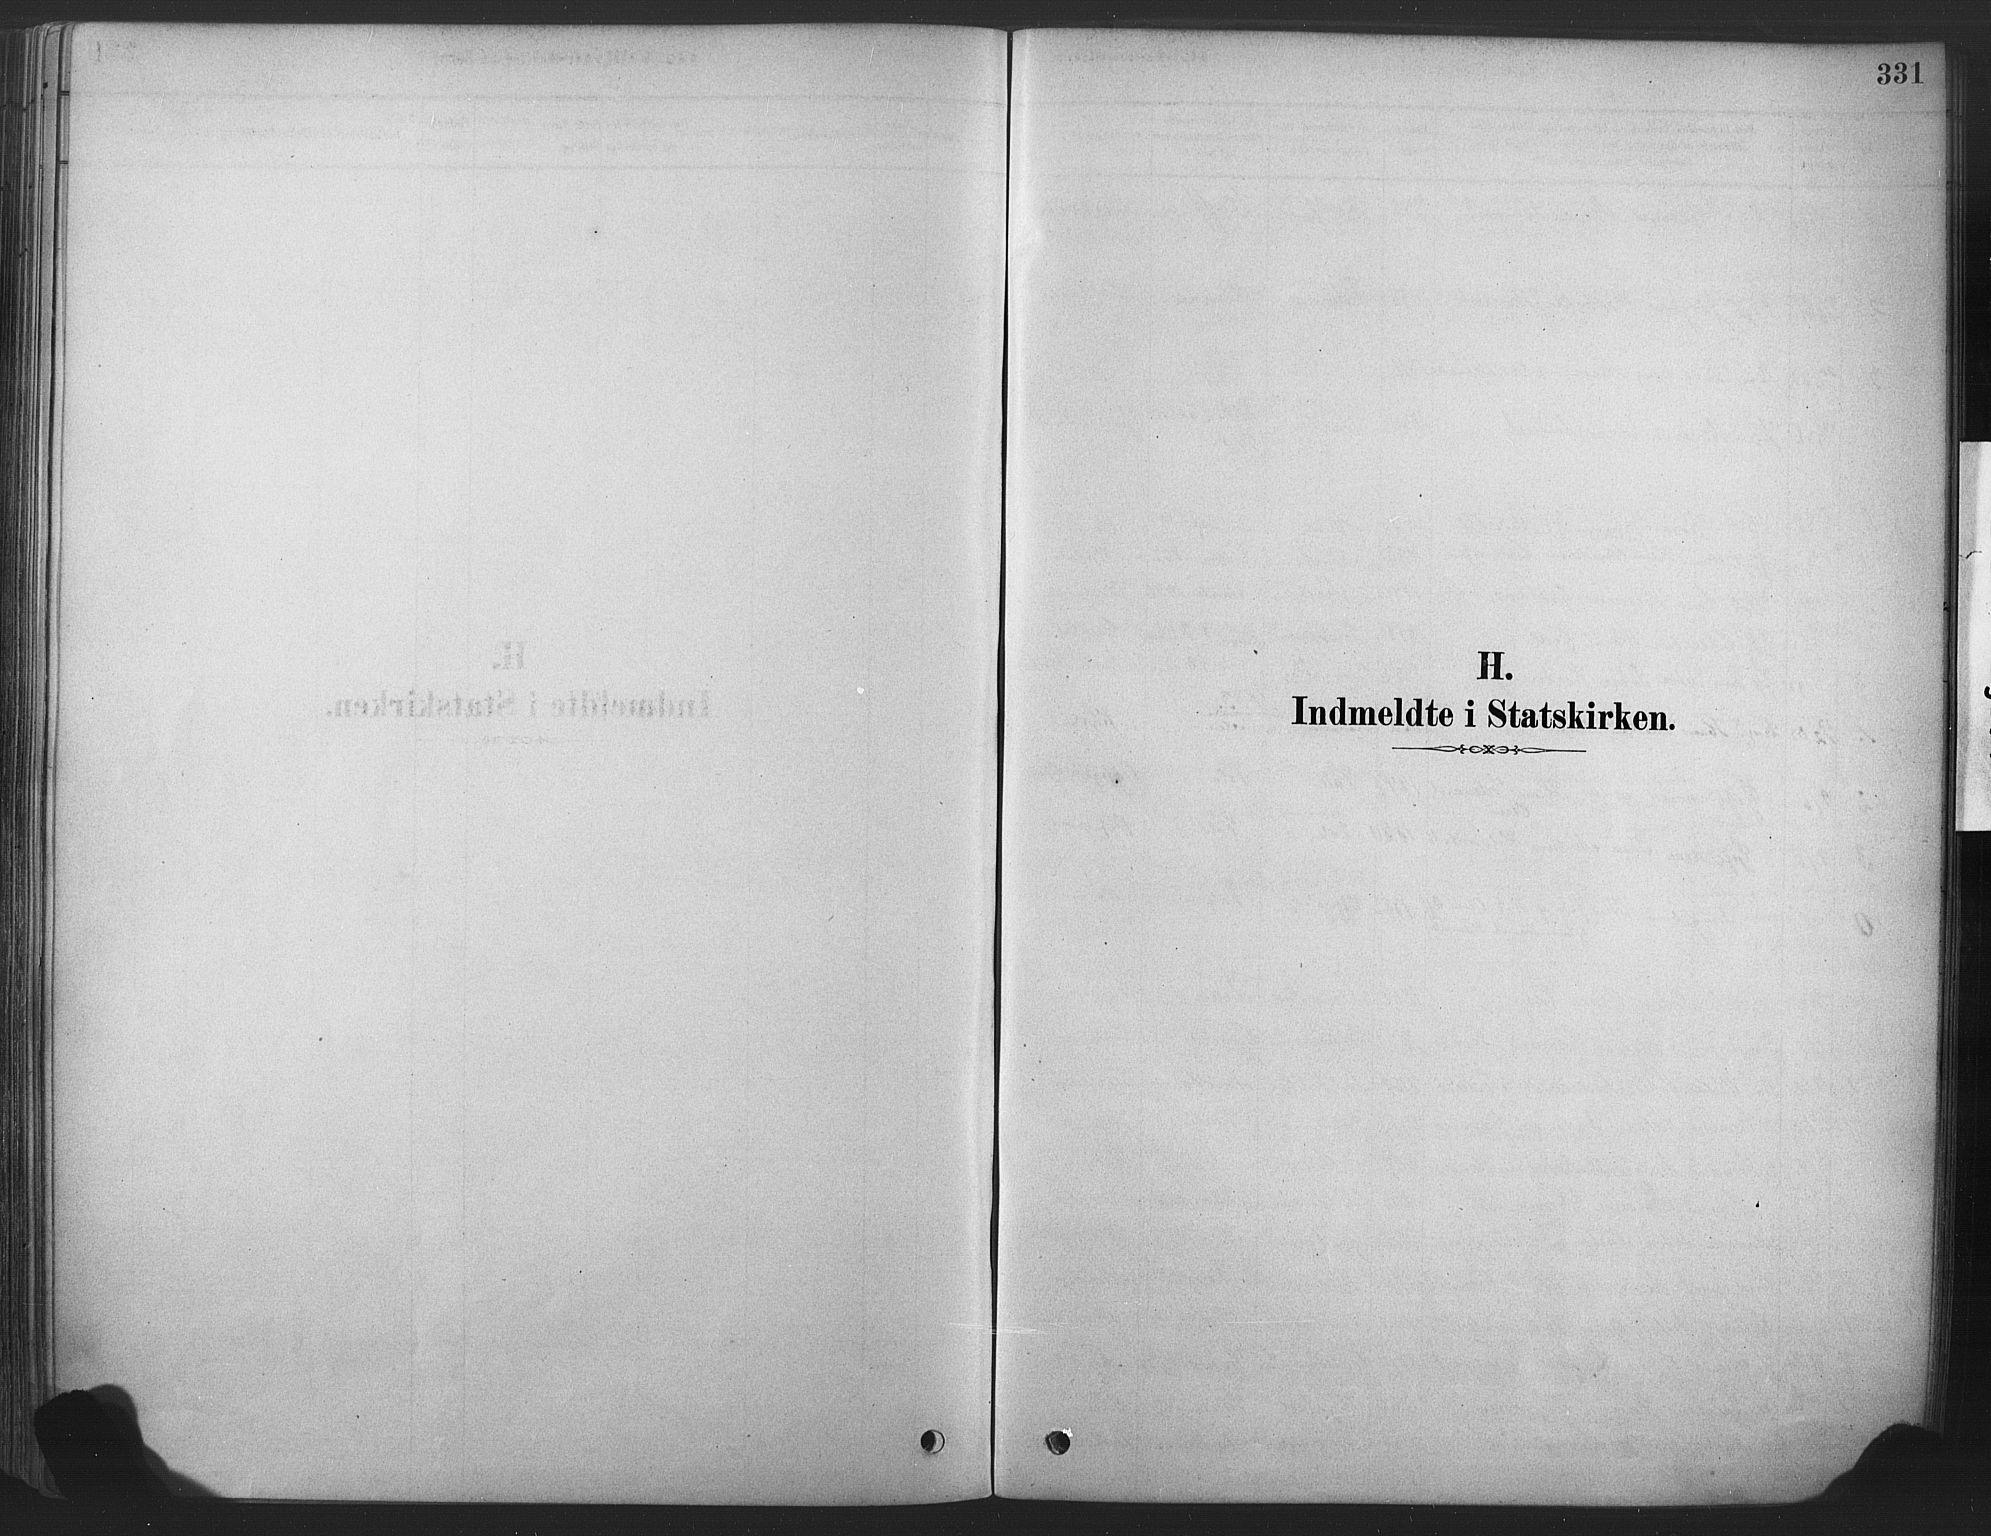 SAKO, Våle kirkebøker, F/Fa/L0011: Ministerialbok nr. I 11, 1878-1906, s. 331